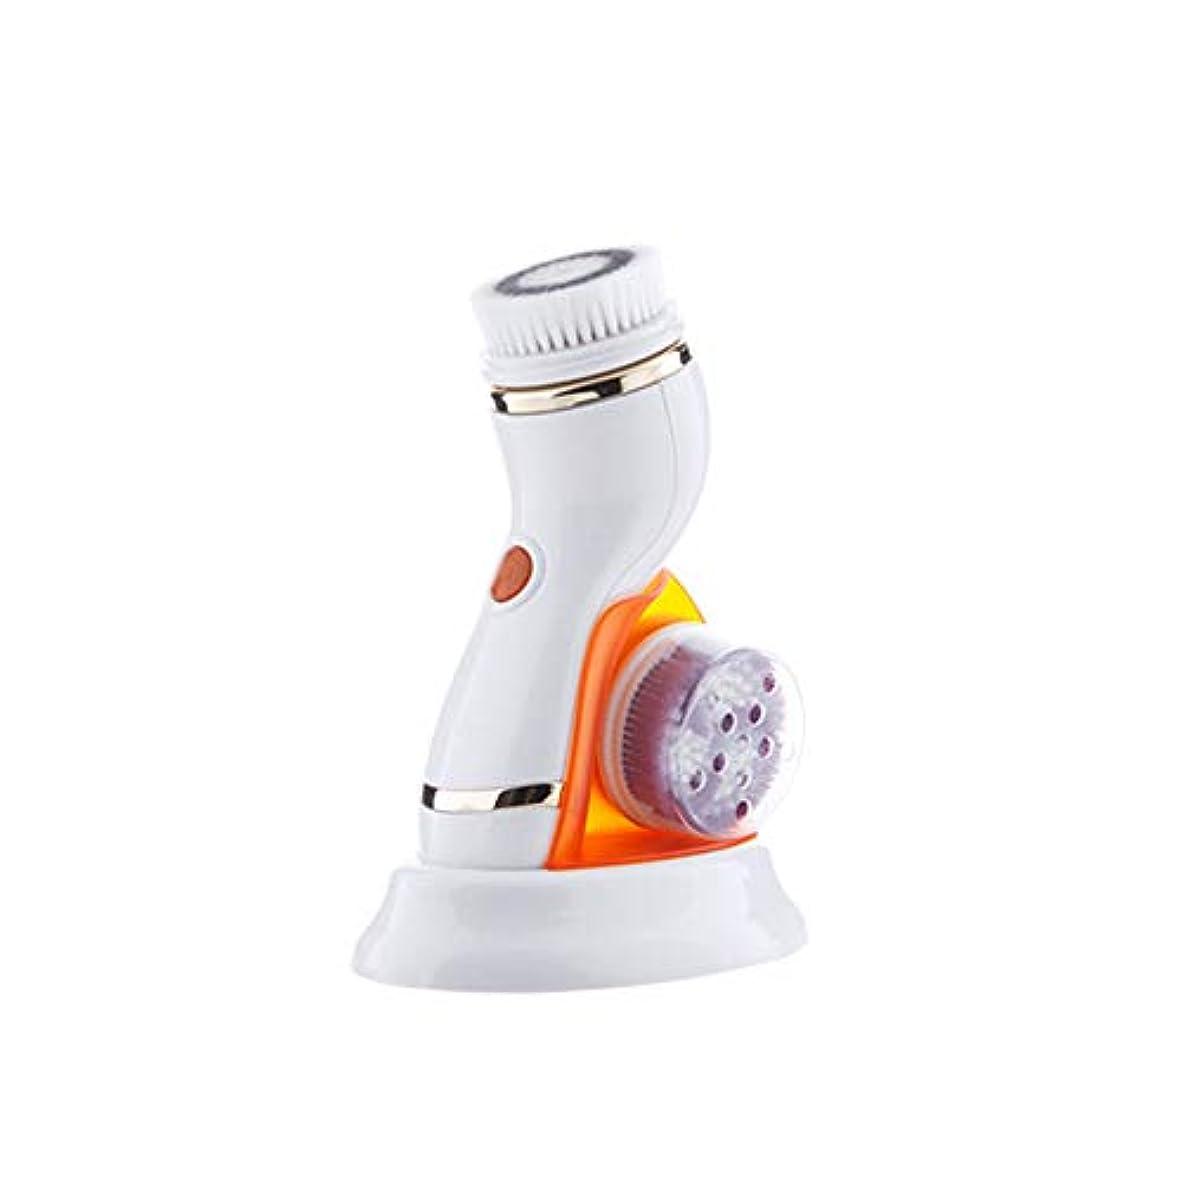 不当ベースレーザ4 in 1フェイシャルクレンジングブラシ、ポータブル電気防水回転式フェイススクラバー、フェイスクリーニング用の4つのブラシヘッド、角質除去マッサージ,オレンジ色